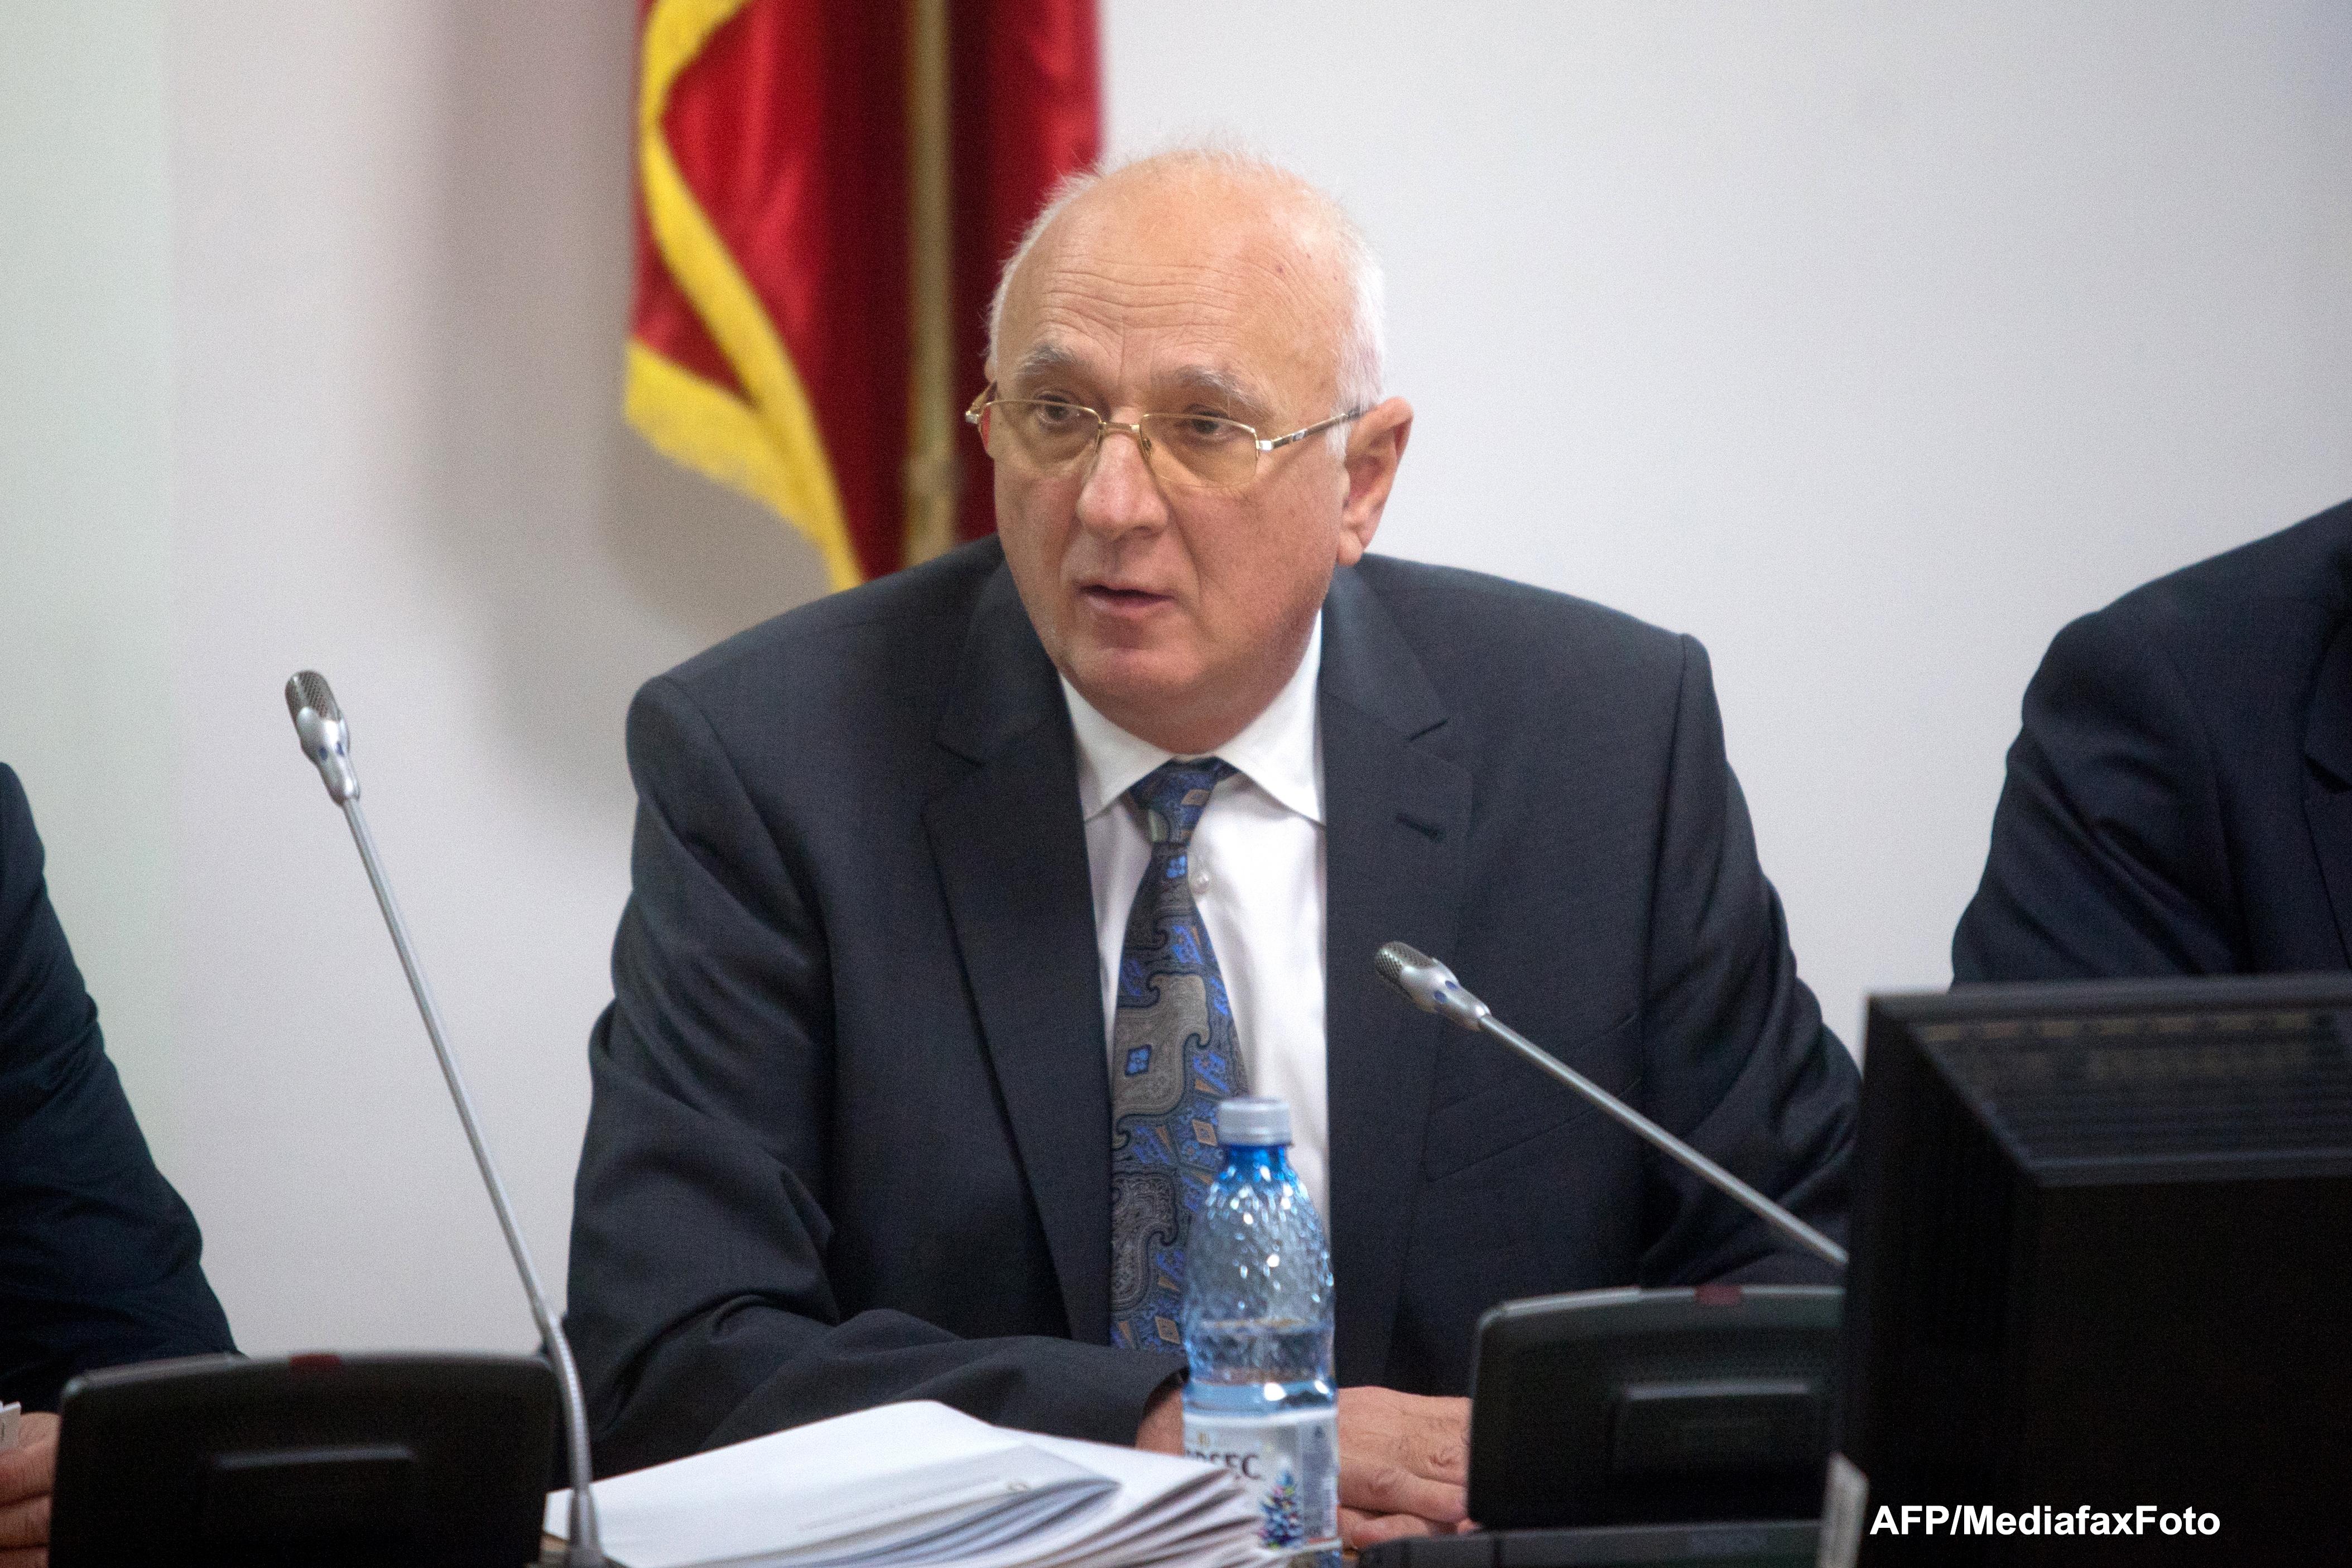 Fostul președinte al ASF Dan Radu Rușanu dă statul român în judecată pentru 6,5 milioane de lei